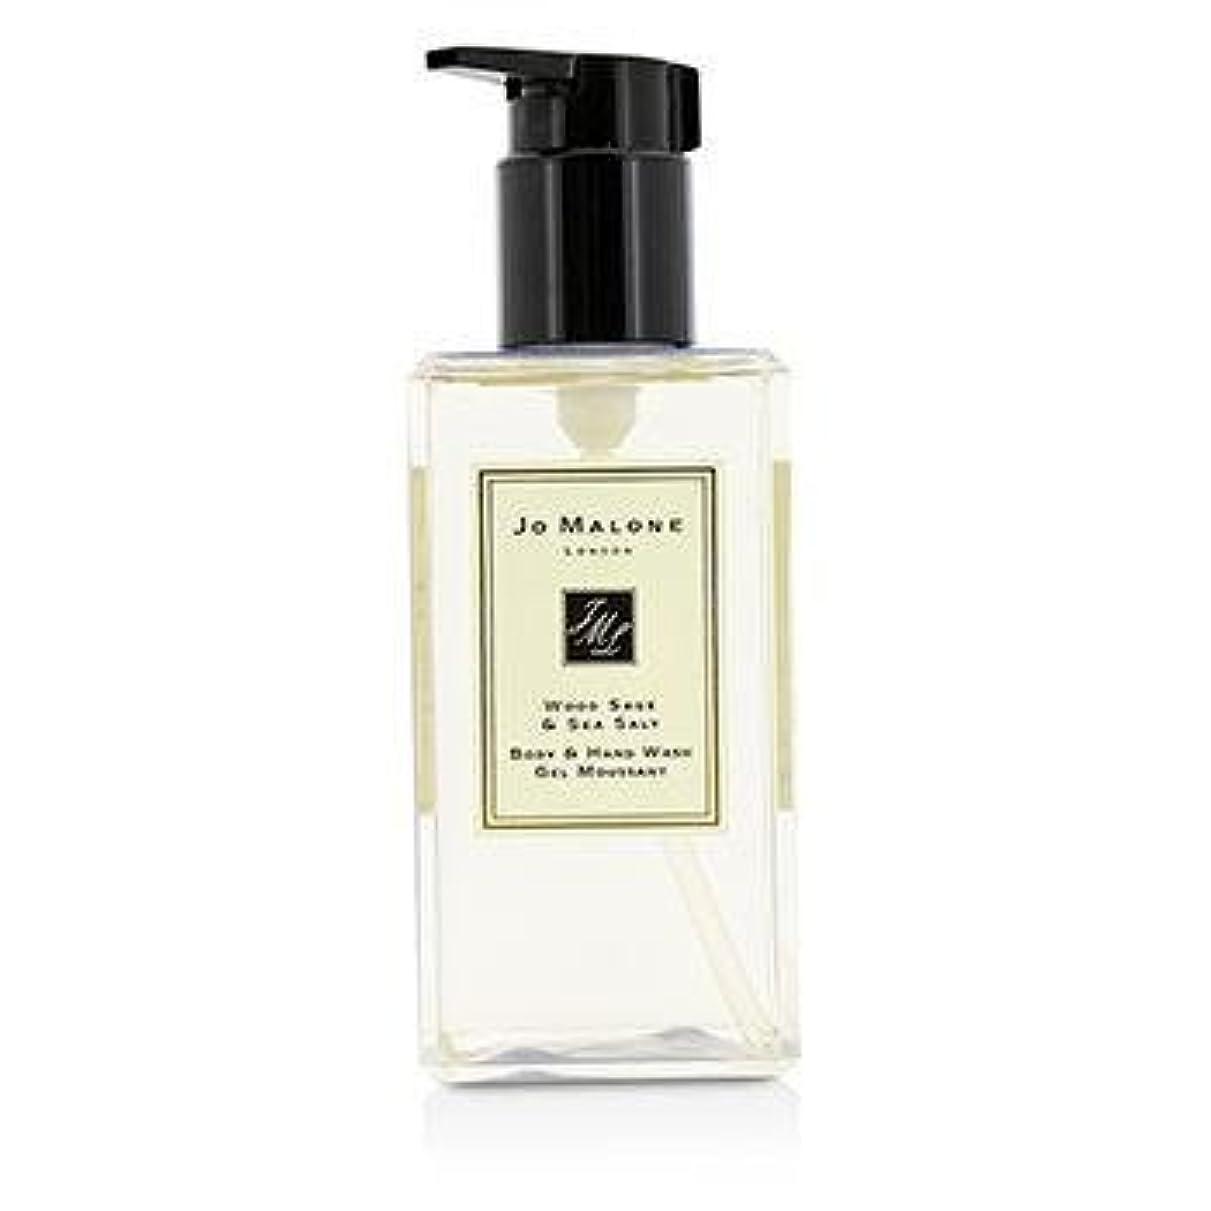 略奪過ちビジタージョーマローン Wood Sage & Sea Salt Body & Hand Wash (With Pump) 250ml/8.5oz並行輸入品